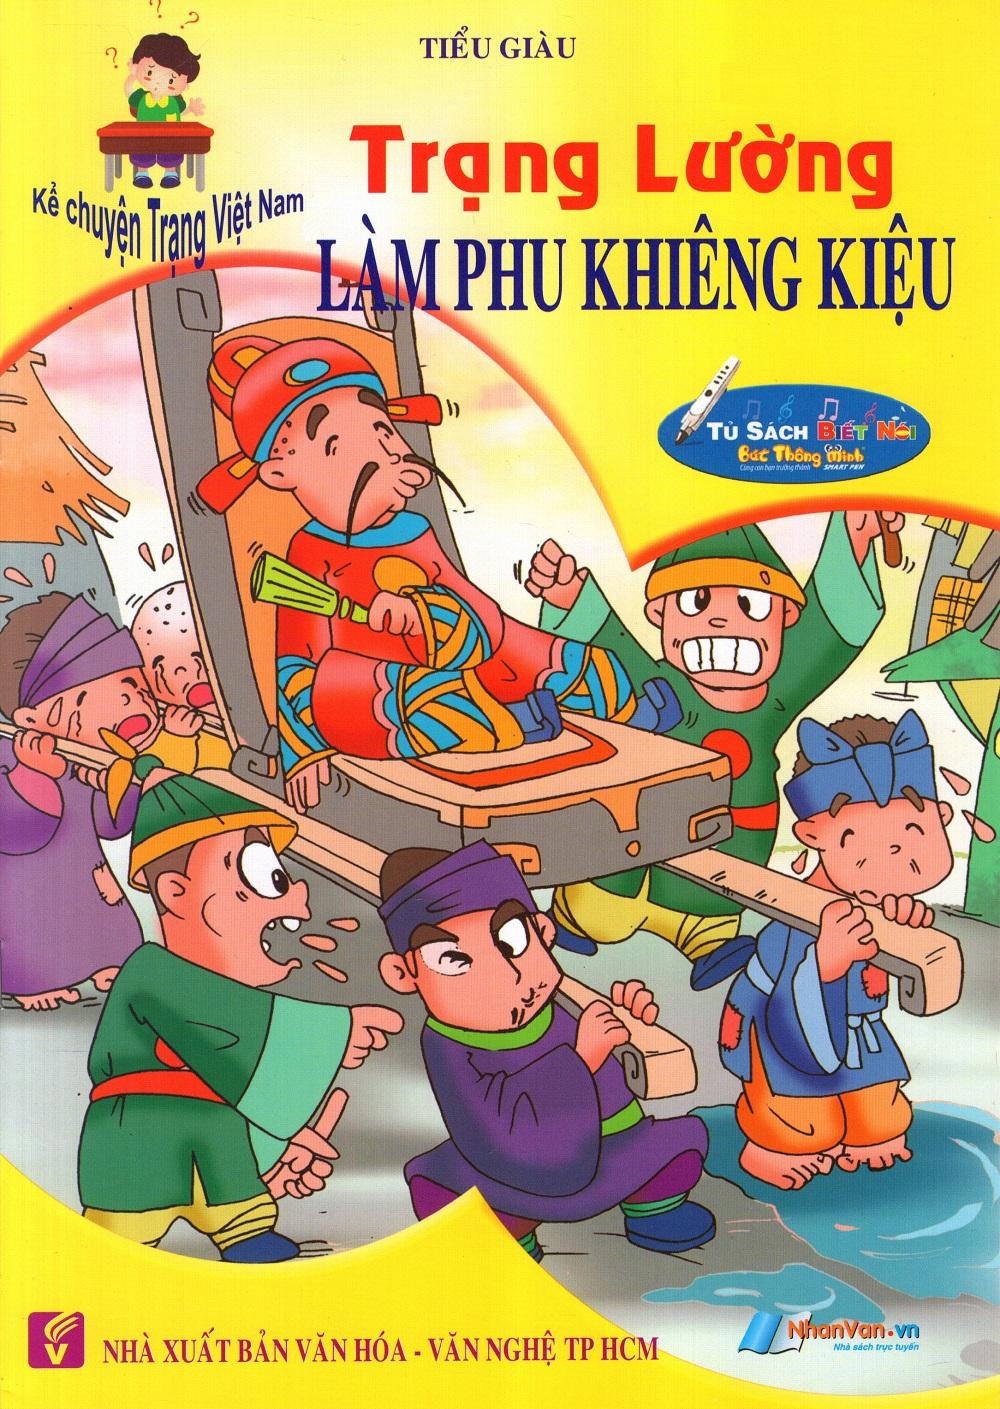 Bìa sách Kể Chuyện Trạng Việt Nam: Trạng Lường - Làm Phu Khiêng Kiệu